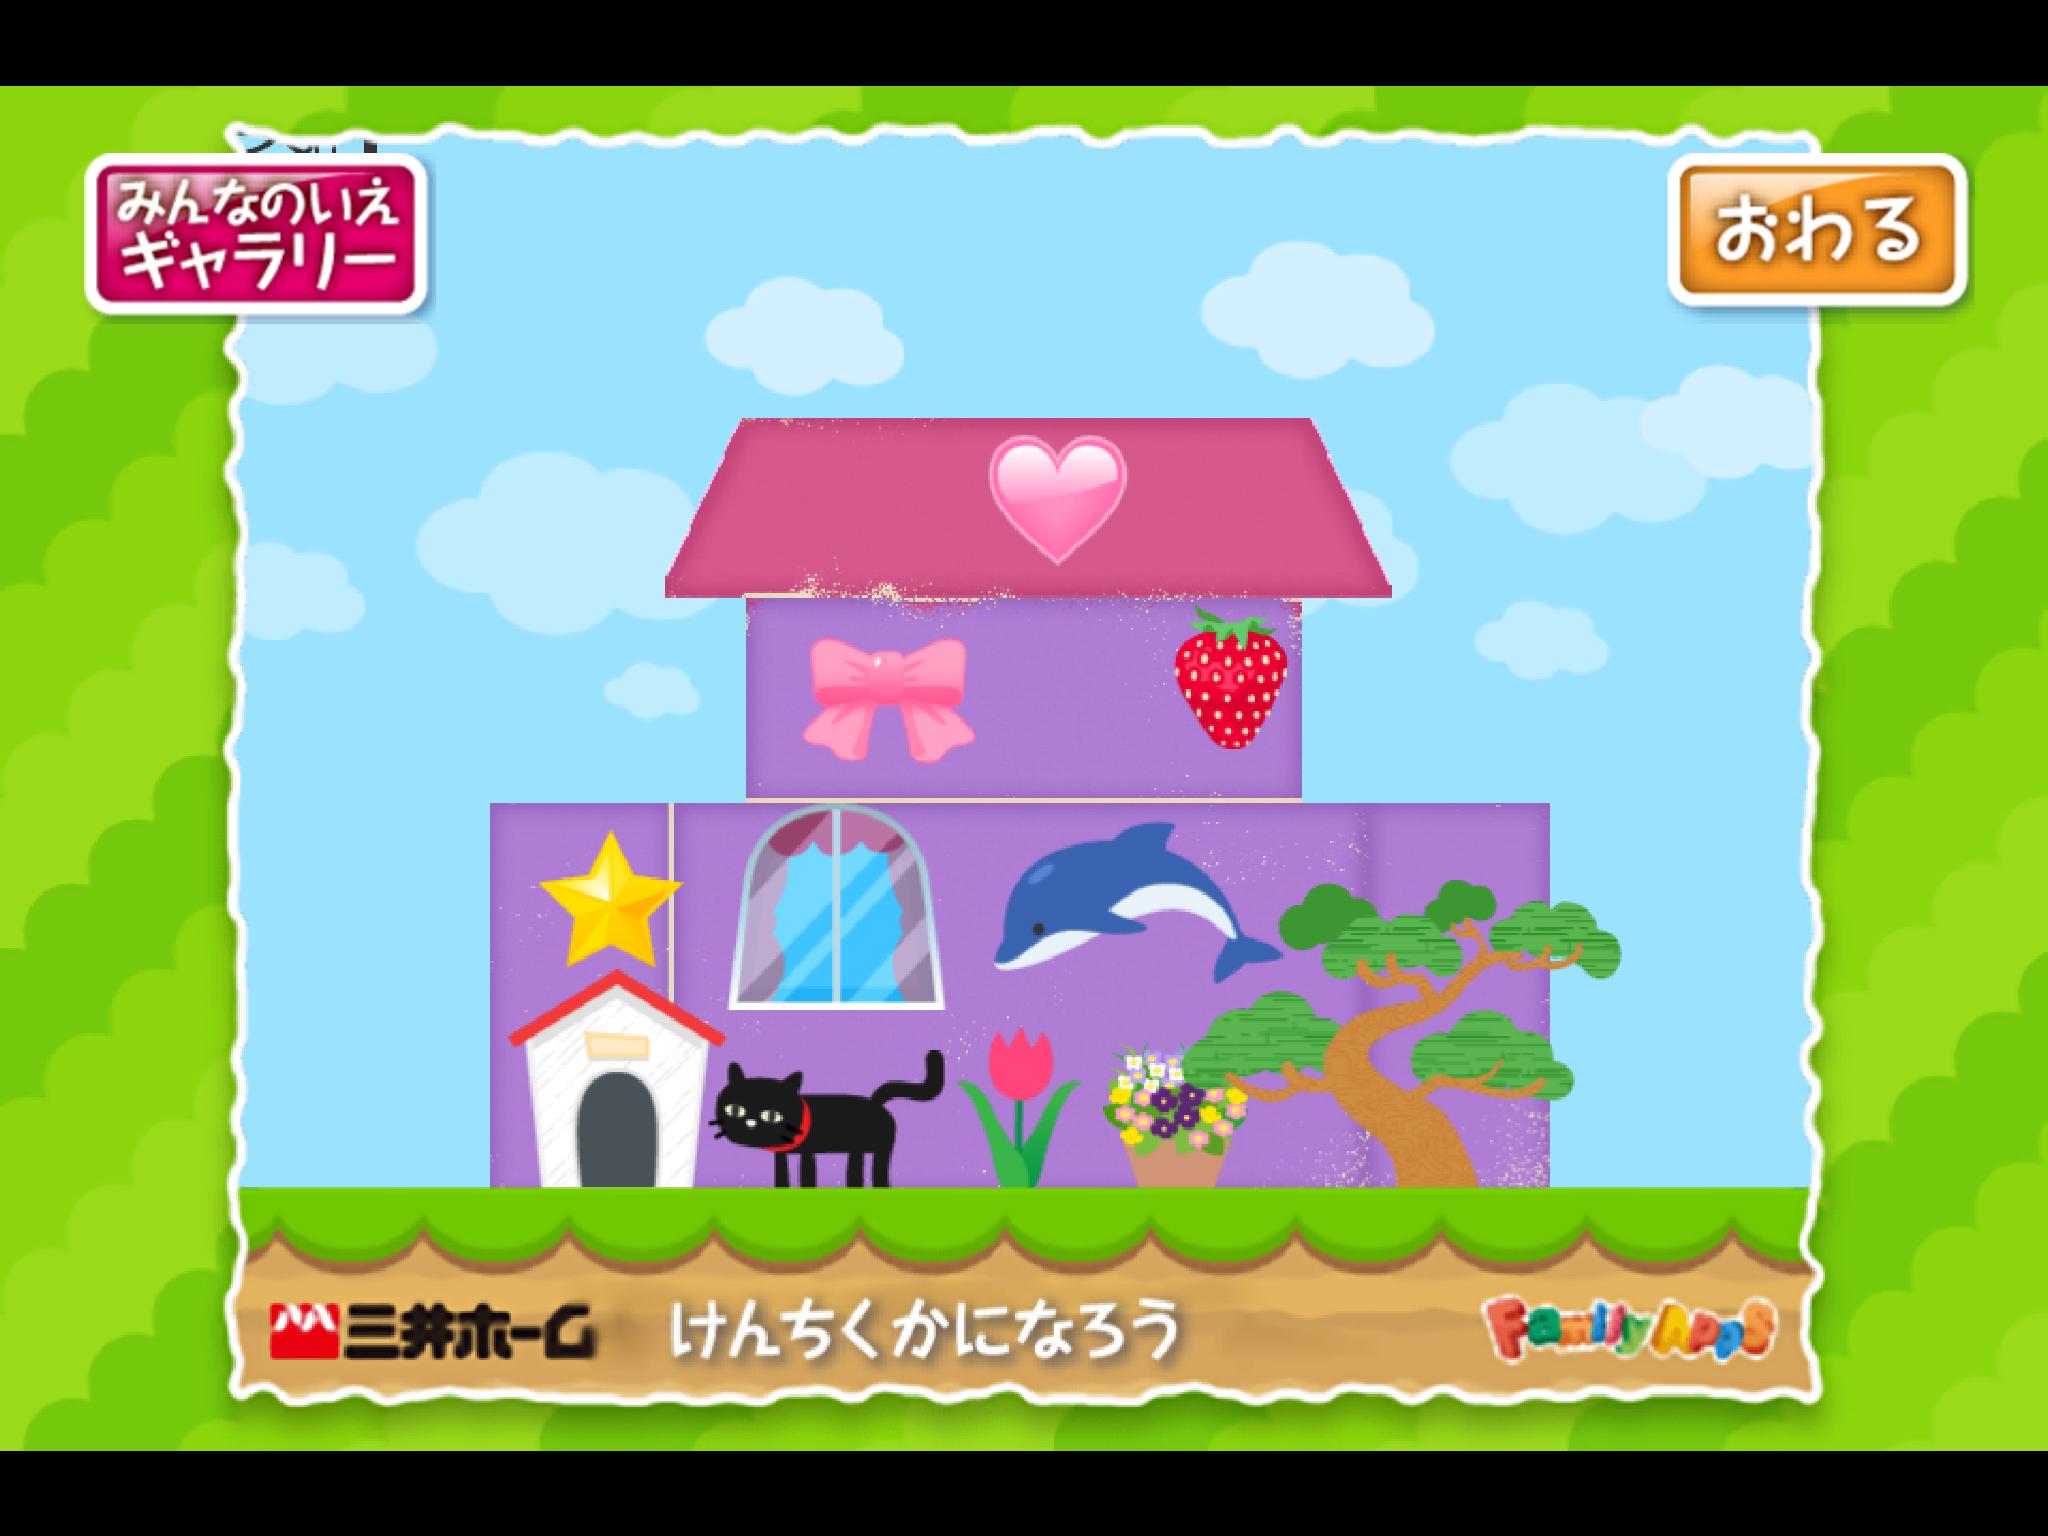 Reina's home 3